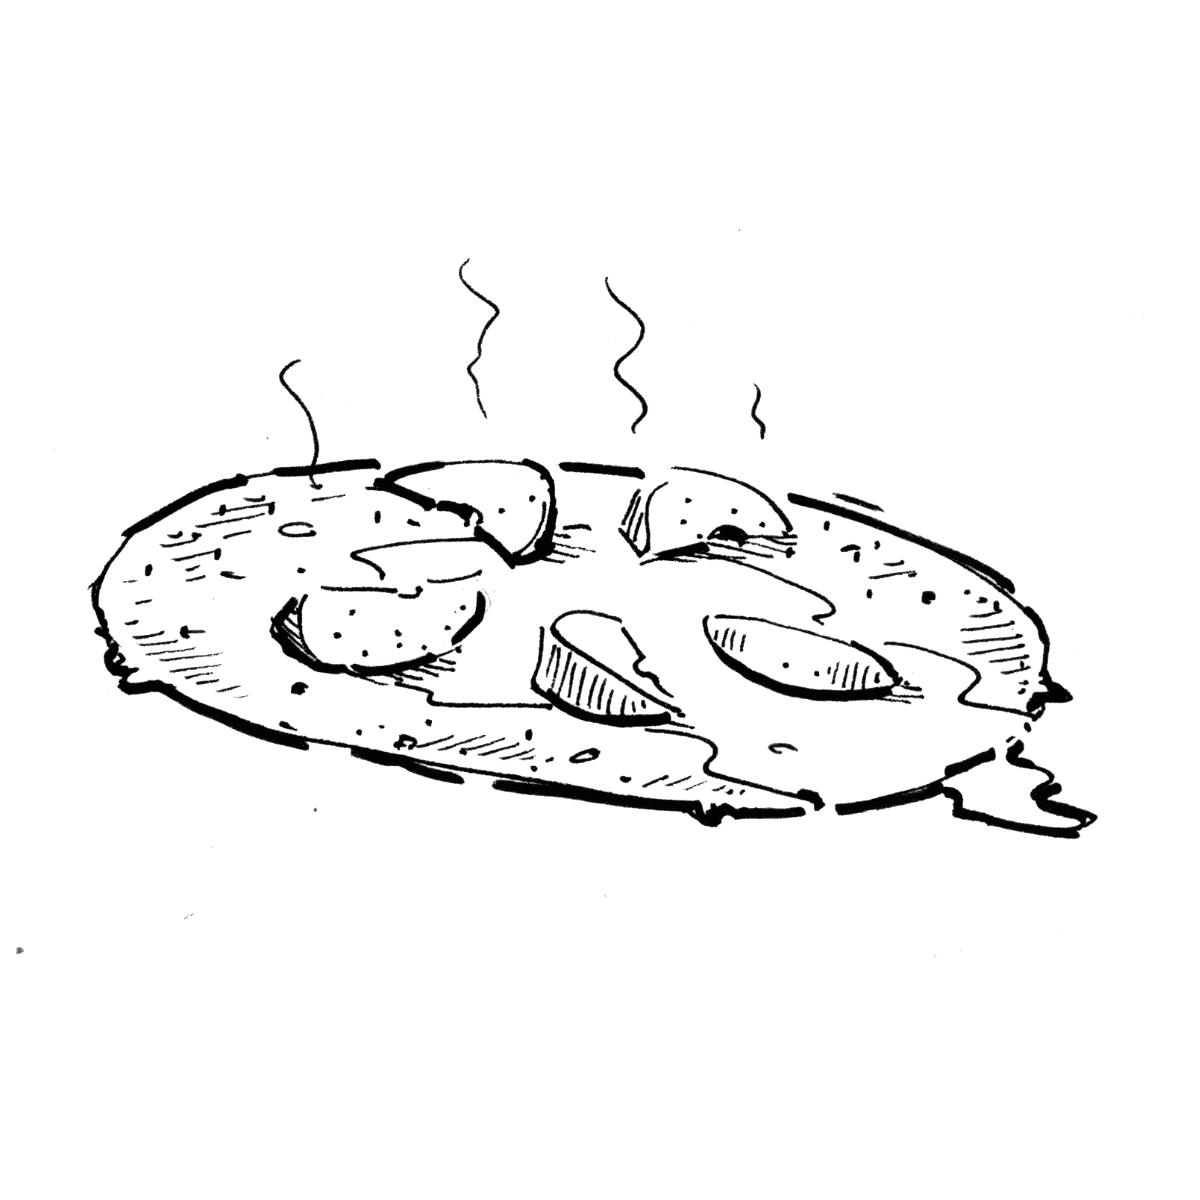 01-vignette-food-menu-hardcore-creppe.jpg